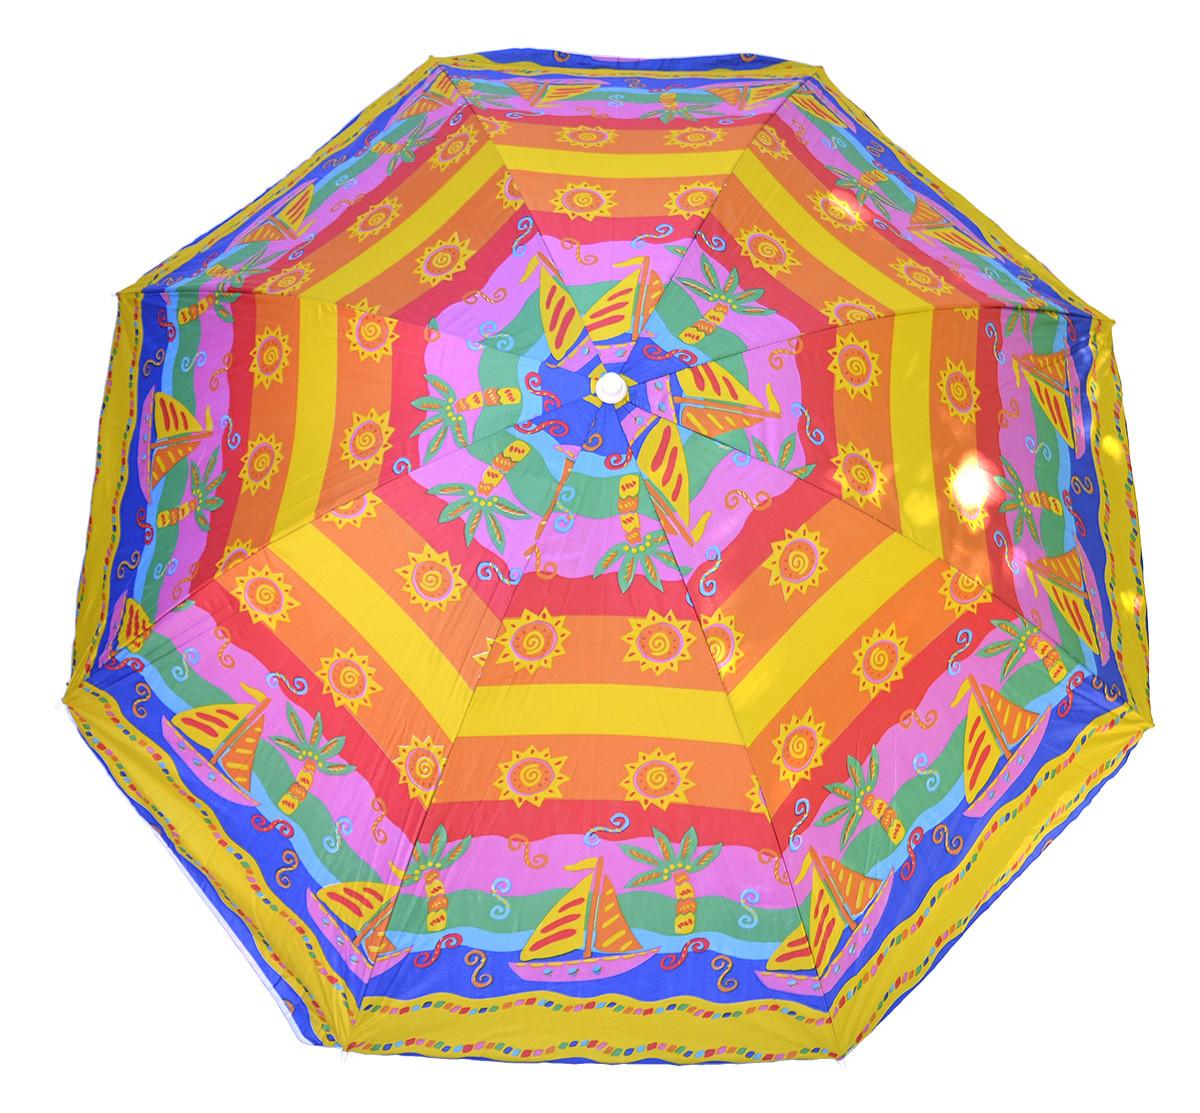 Пляжный зонт от солнца 2.2 м с наклоном